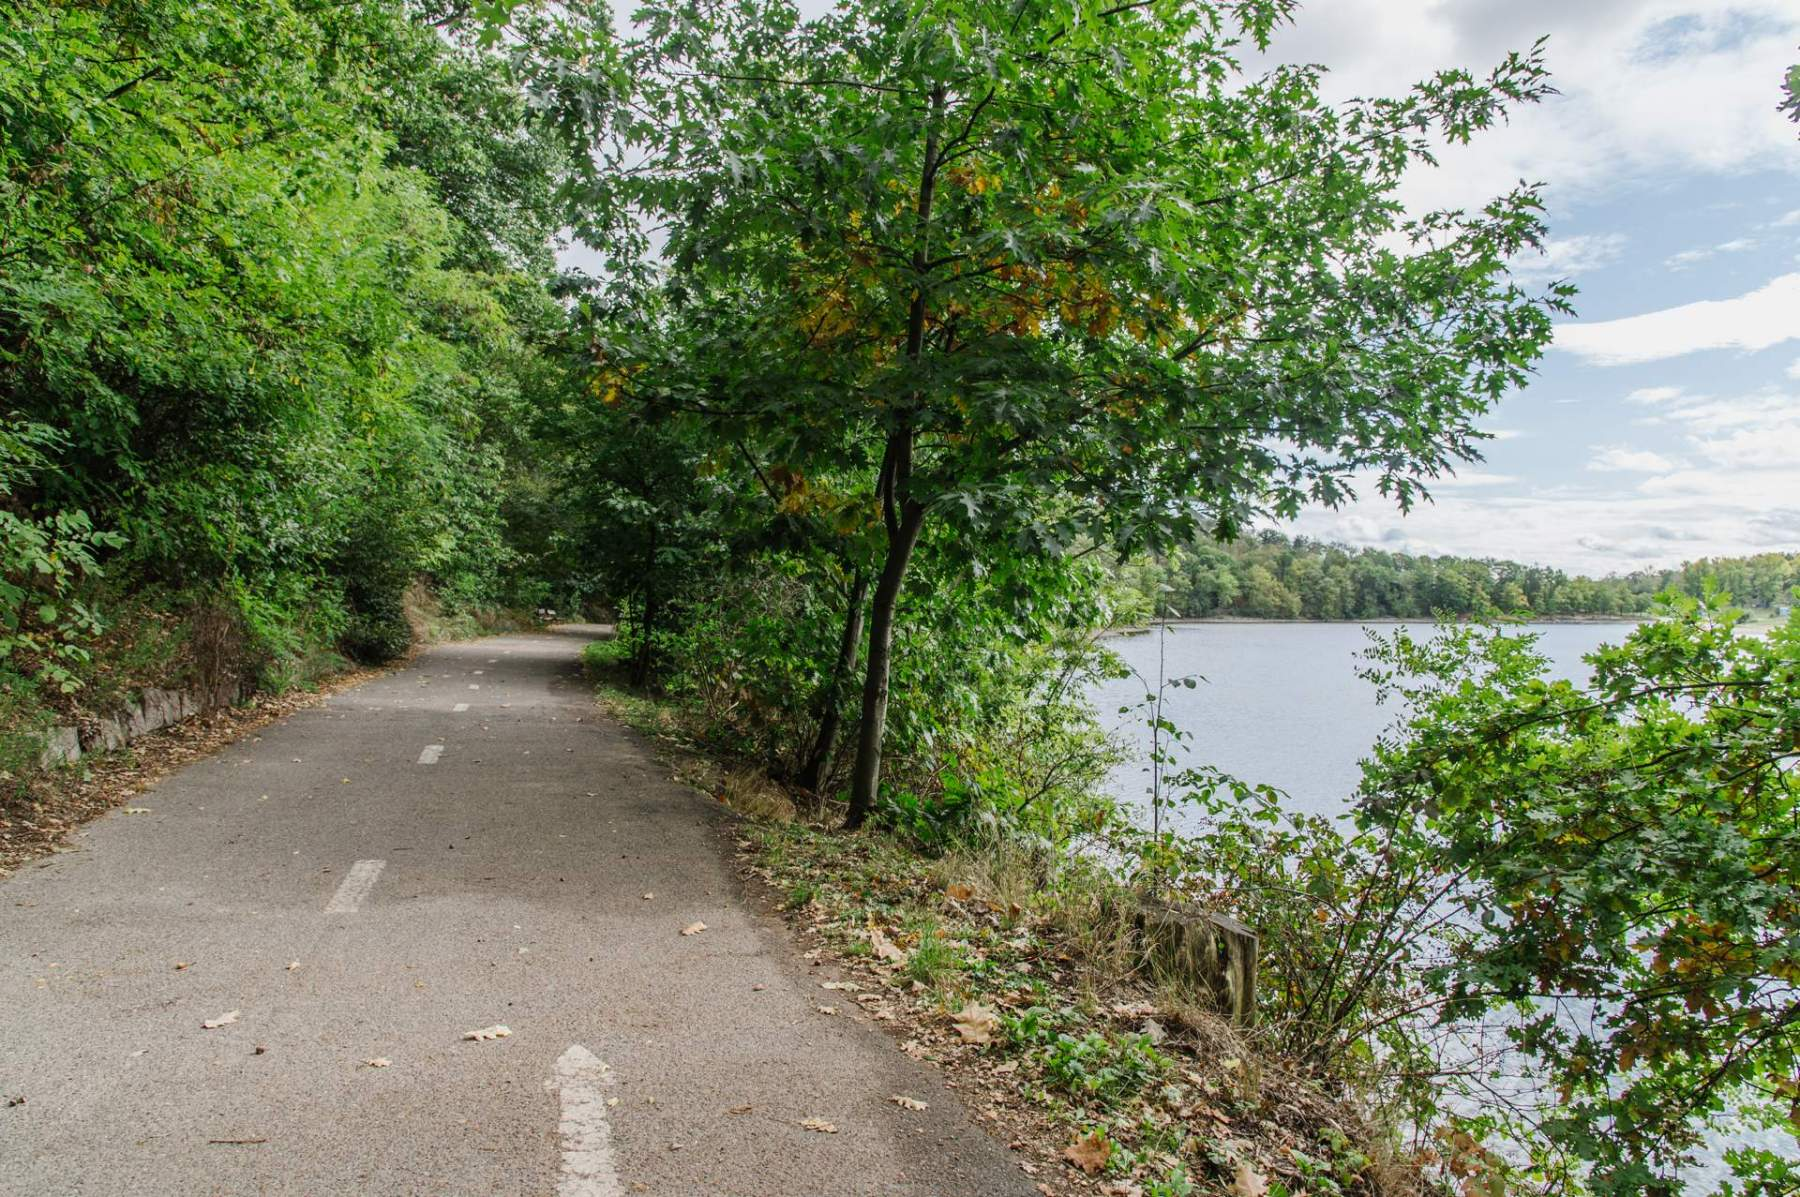 Cesta kolem přehrady, v jejímž okolí bude kácení probíhat